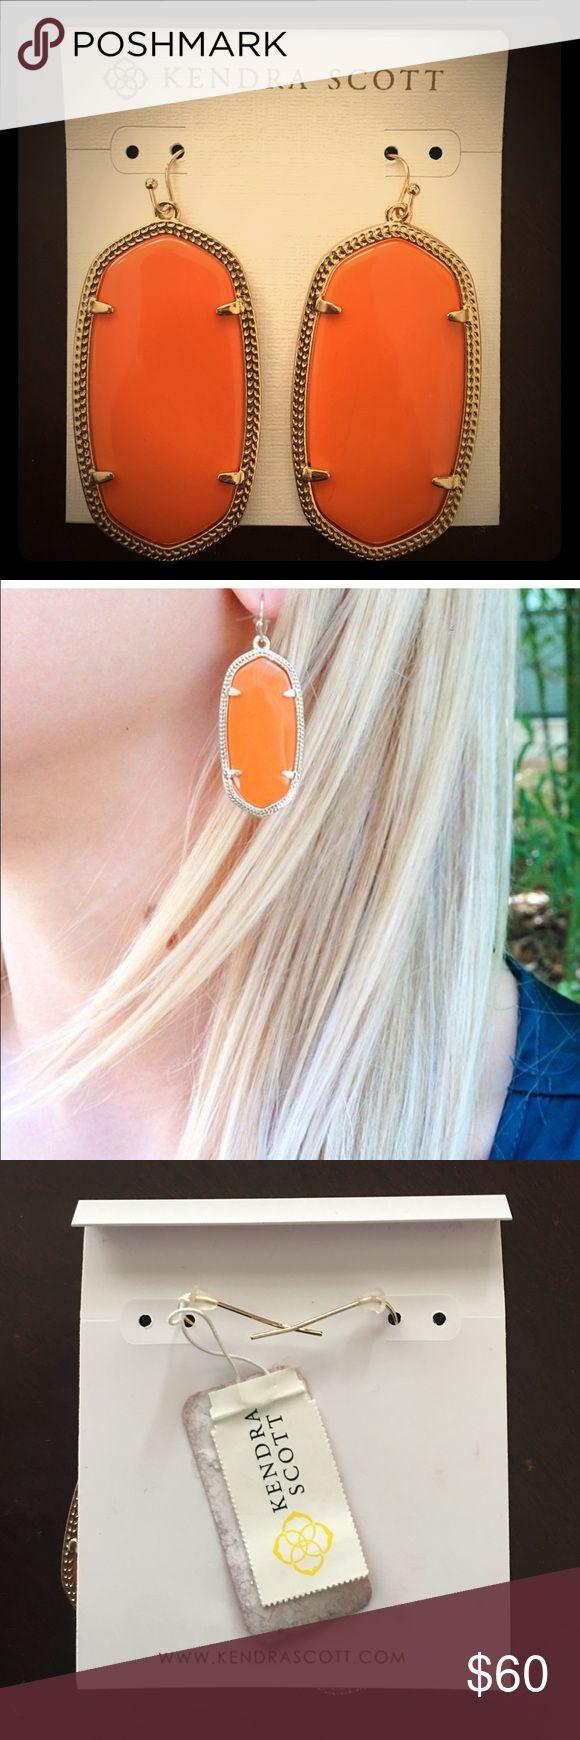 Authentic KS Danielle earrings Beautiful long authentic Kendra Scott orange Danielle earrings. Brand new. Kendra Scott Jewelry Earrings